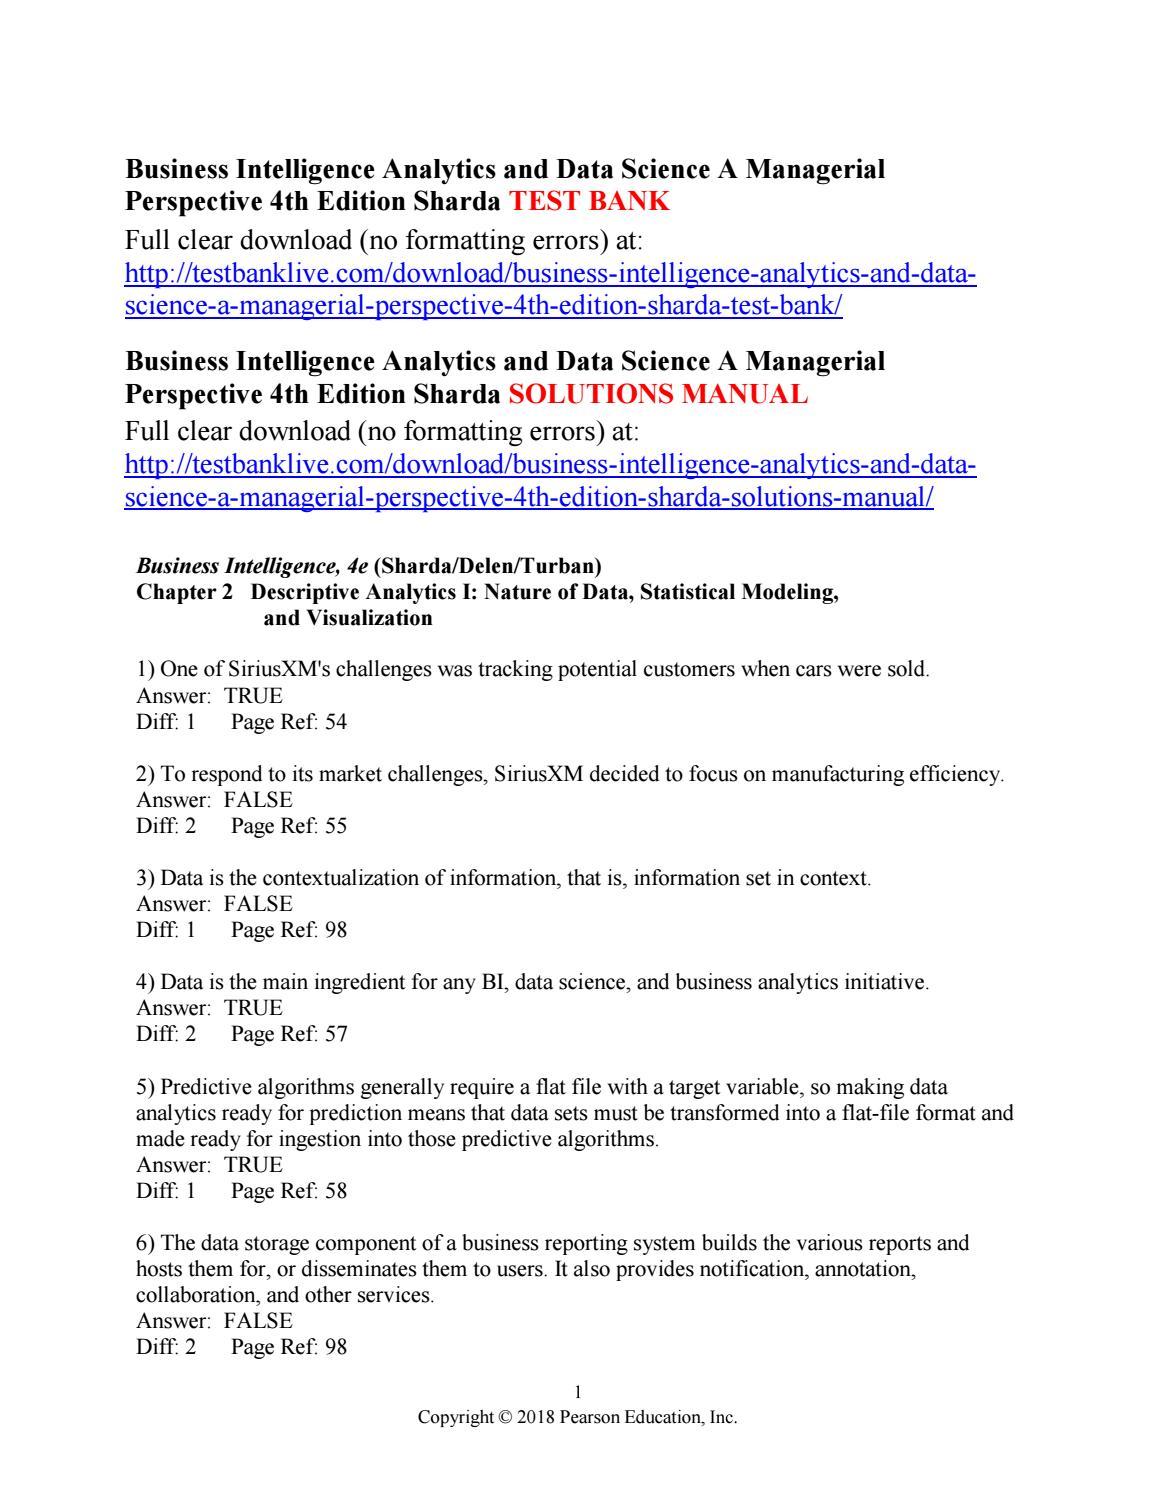 Business intelligence analytics and data science a managerial business intelligence analytics and data science a managerial perspective 4th edition sharda test ba by bentaly issuu nvjuhfo Choice Image